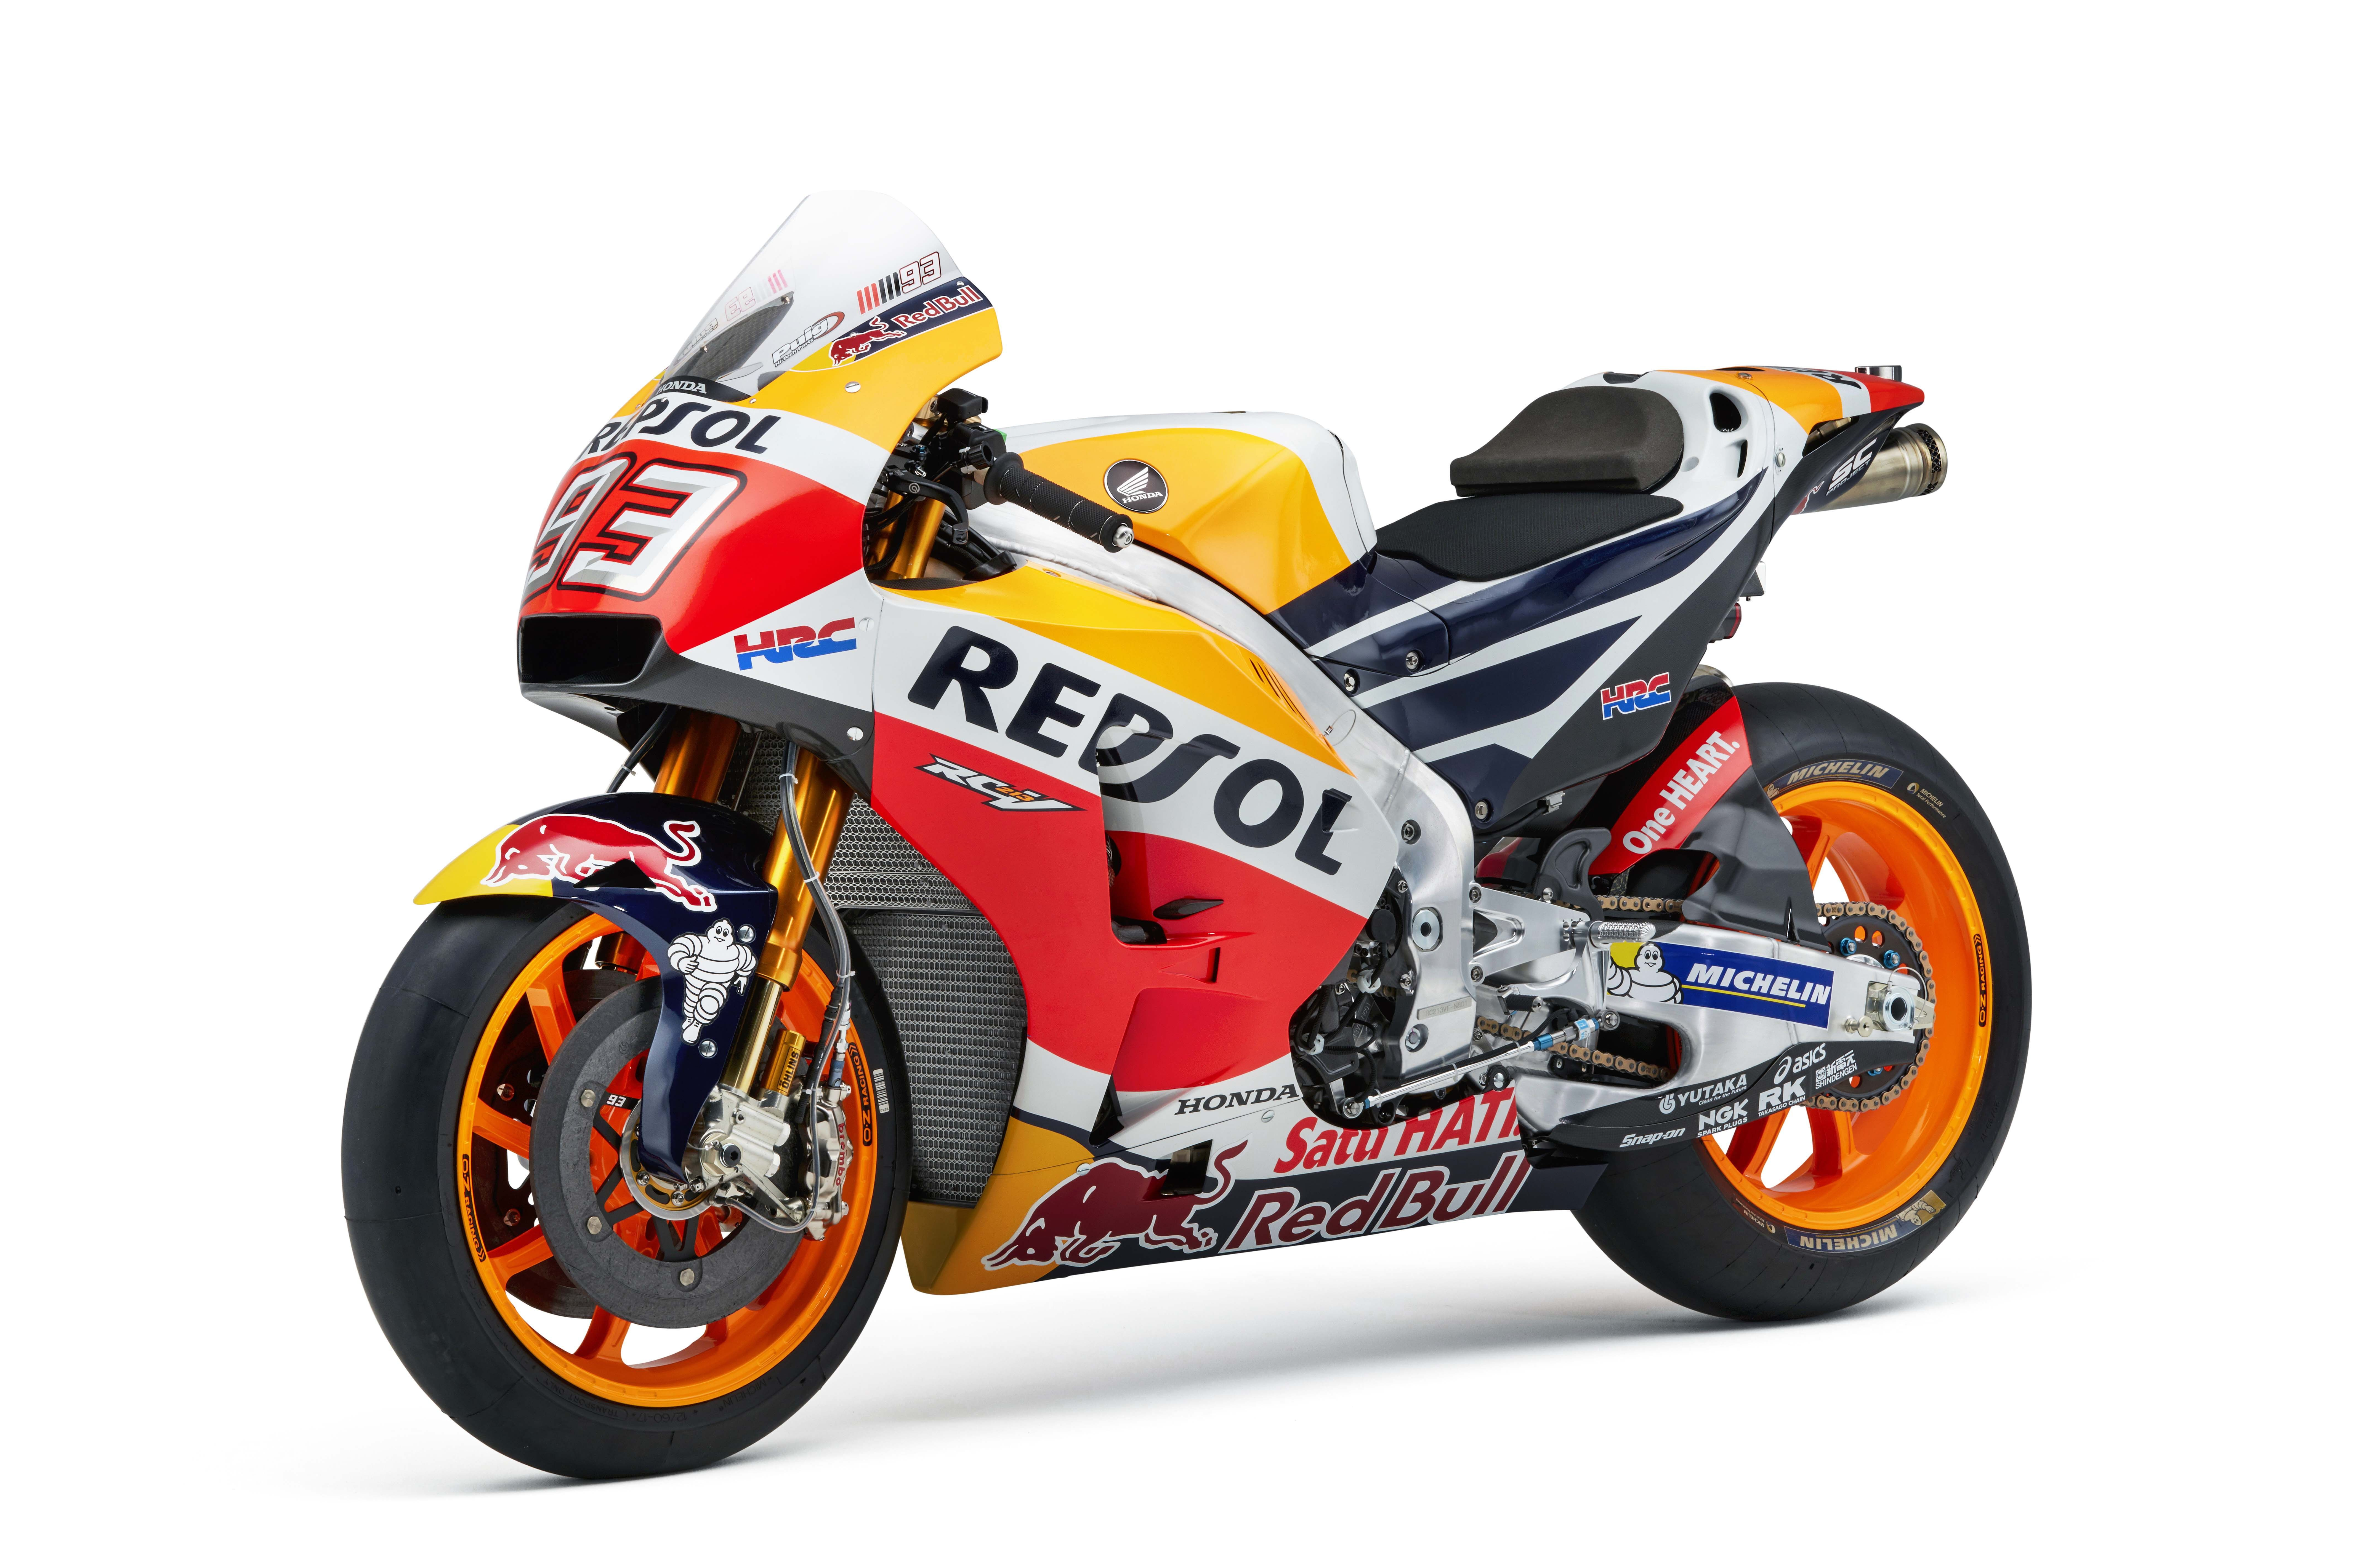 Yellow Red And Red Repsol Sports Bike Honda Rc213v Motogp Bike Repsol Honda Team Race Bike 4k 8k 8k Wallpaper Hdwallpape In 2020 Motogp Racing Bikes Sport Bikes